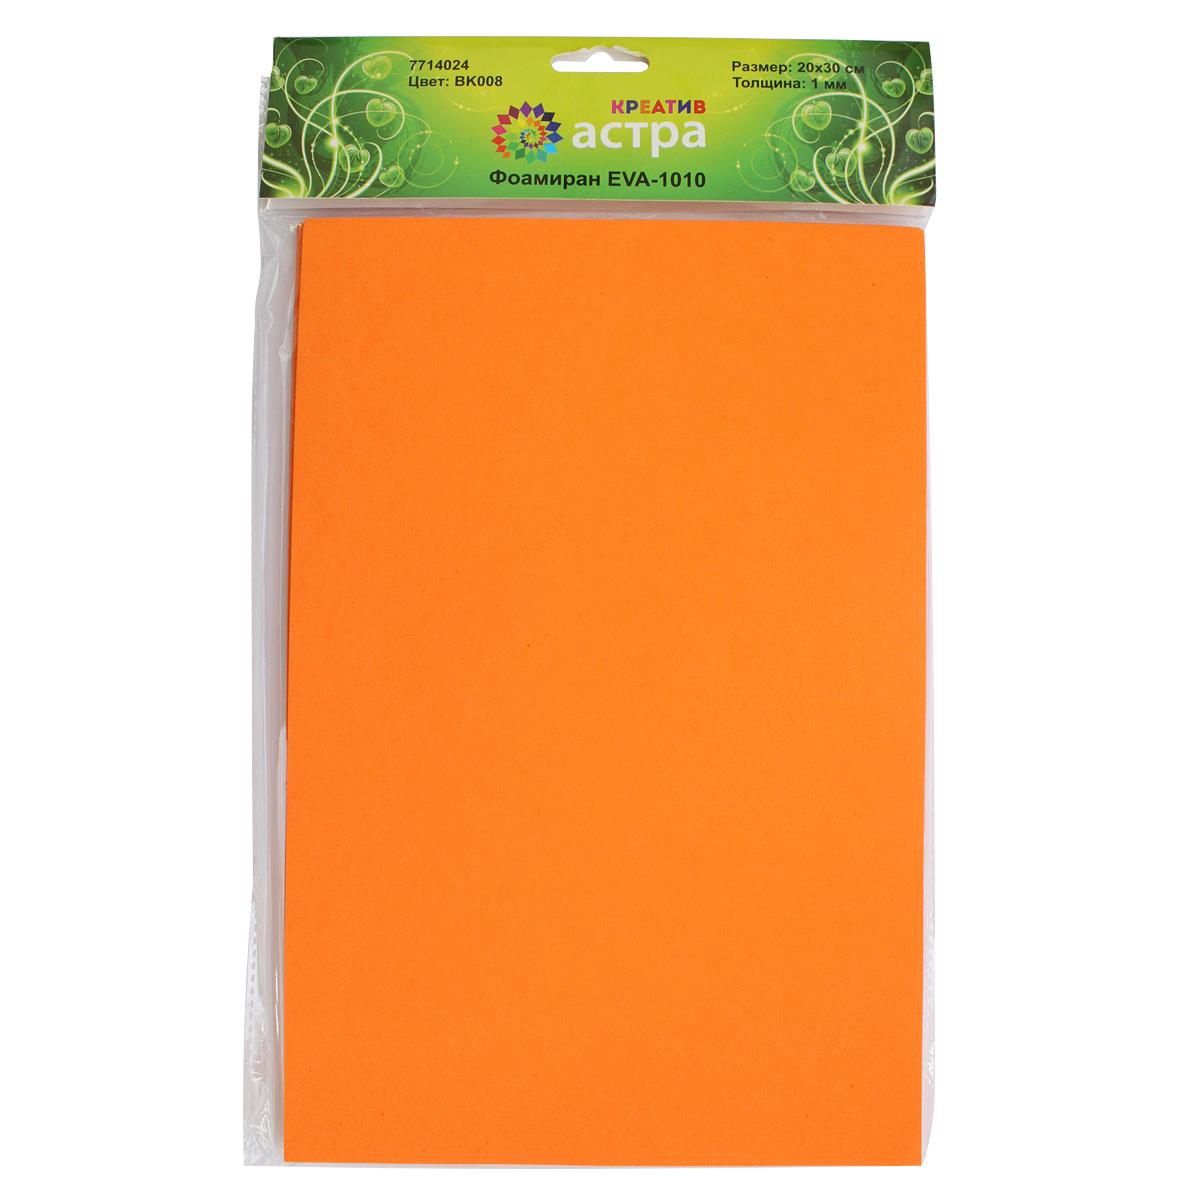 Фоамиран Астра, цвет: оранжевый, 20 х 30 см, 10 штNLED-454-9W-BKФоамиран Астра - это пластичная замша, ее можно применить для создания разнообразного вида декора: открытки, магнитики, цветы, забавные игрушки и т.д. Главная особенность материала фоамиран заключается в его способности к незначительному растяжению, которого вполне достаточно для запоминания изделием своей формы.На ощупь мягкая синтетическая замша очень приятна и податлива, поэтому работать с ней не составит труда даже начинающему.Размер ткани: 200 x 300 мм. В упаковке 10 штук.